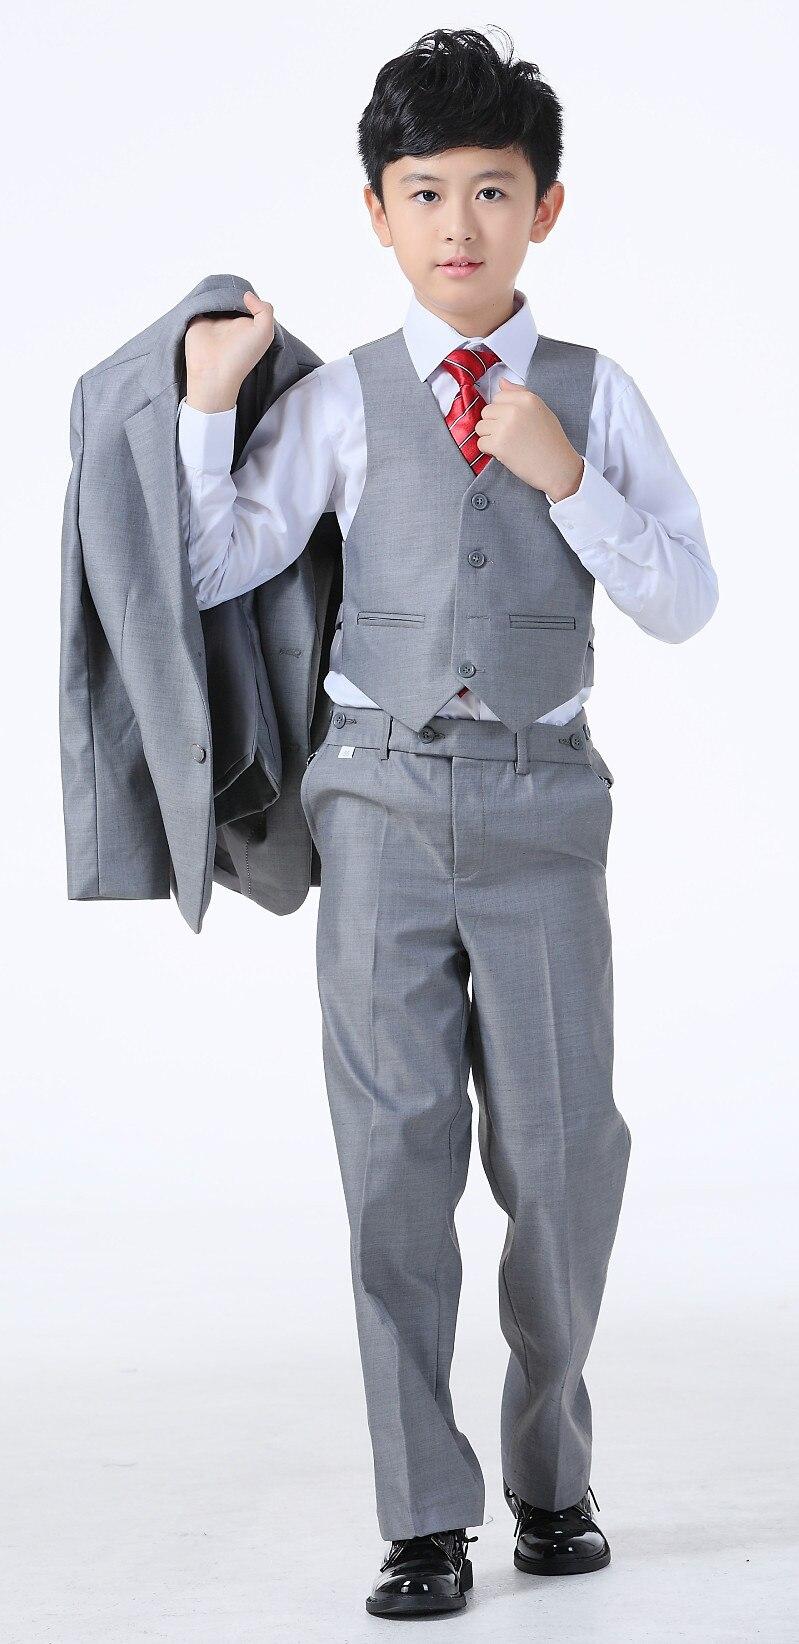 Boy-wedding-suit (3)